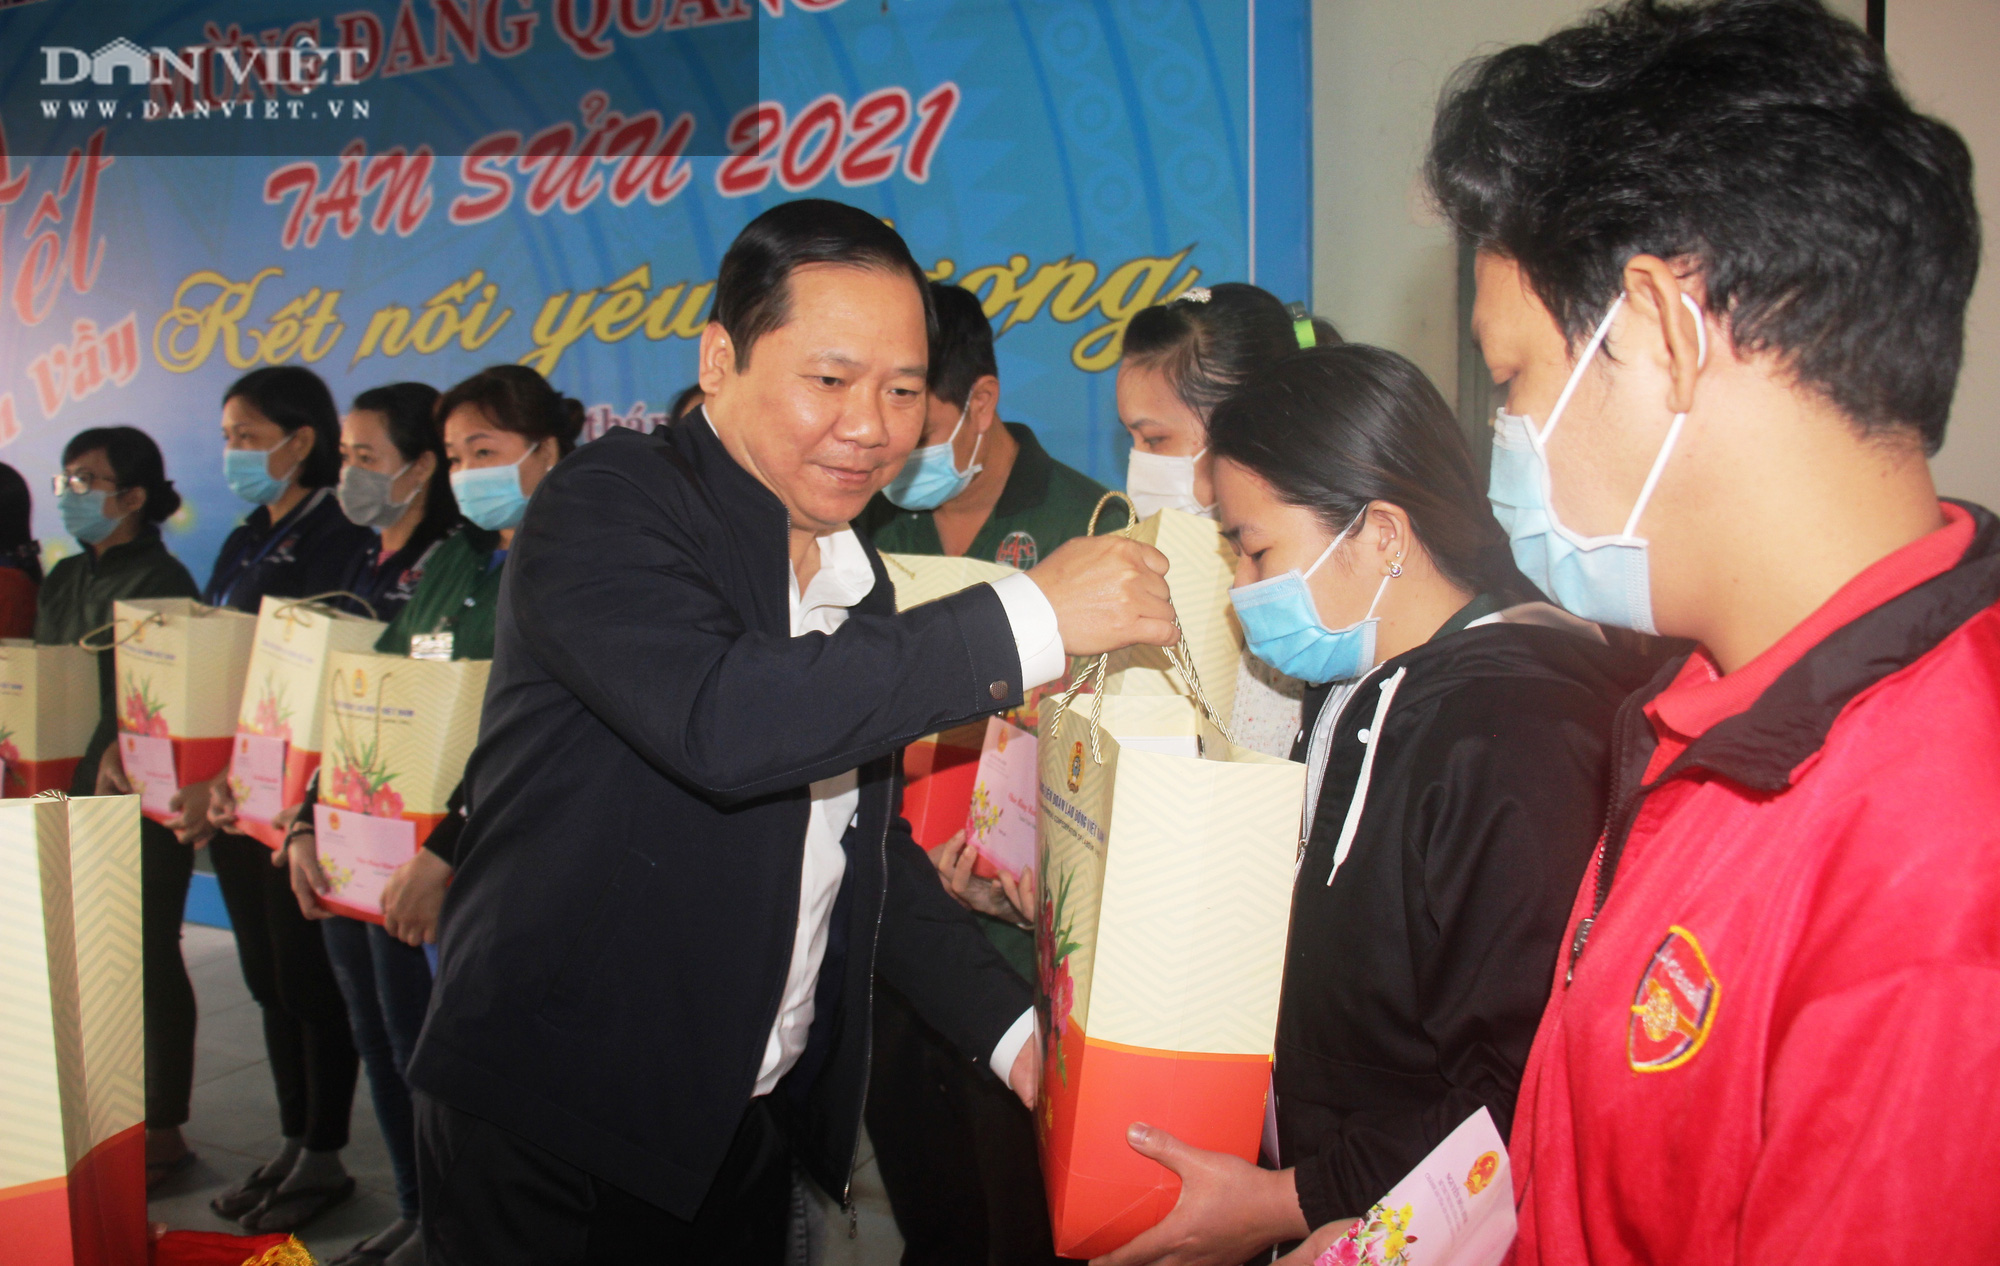 Mang Tết đến với hàng trăm công nhân gặp cảnh ngặt nghèo, khốn khó ở Bình Định - Ảnh 2.